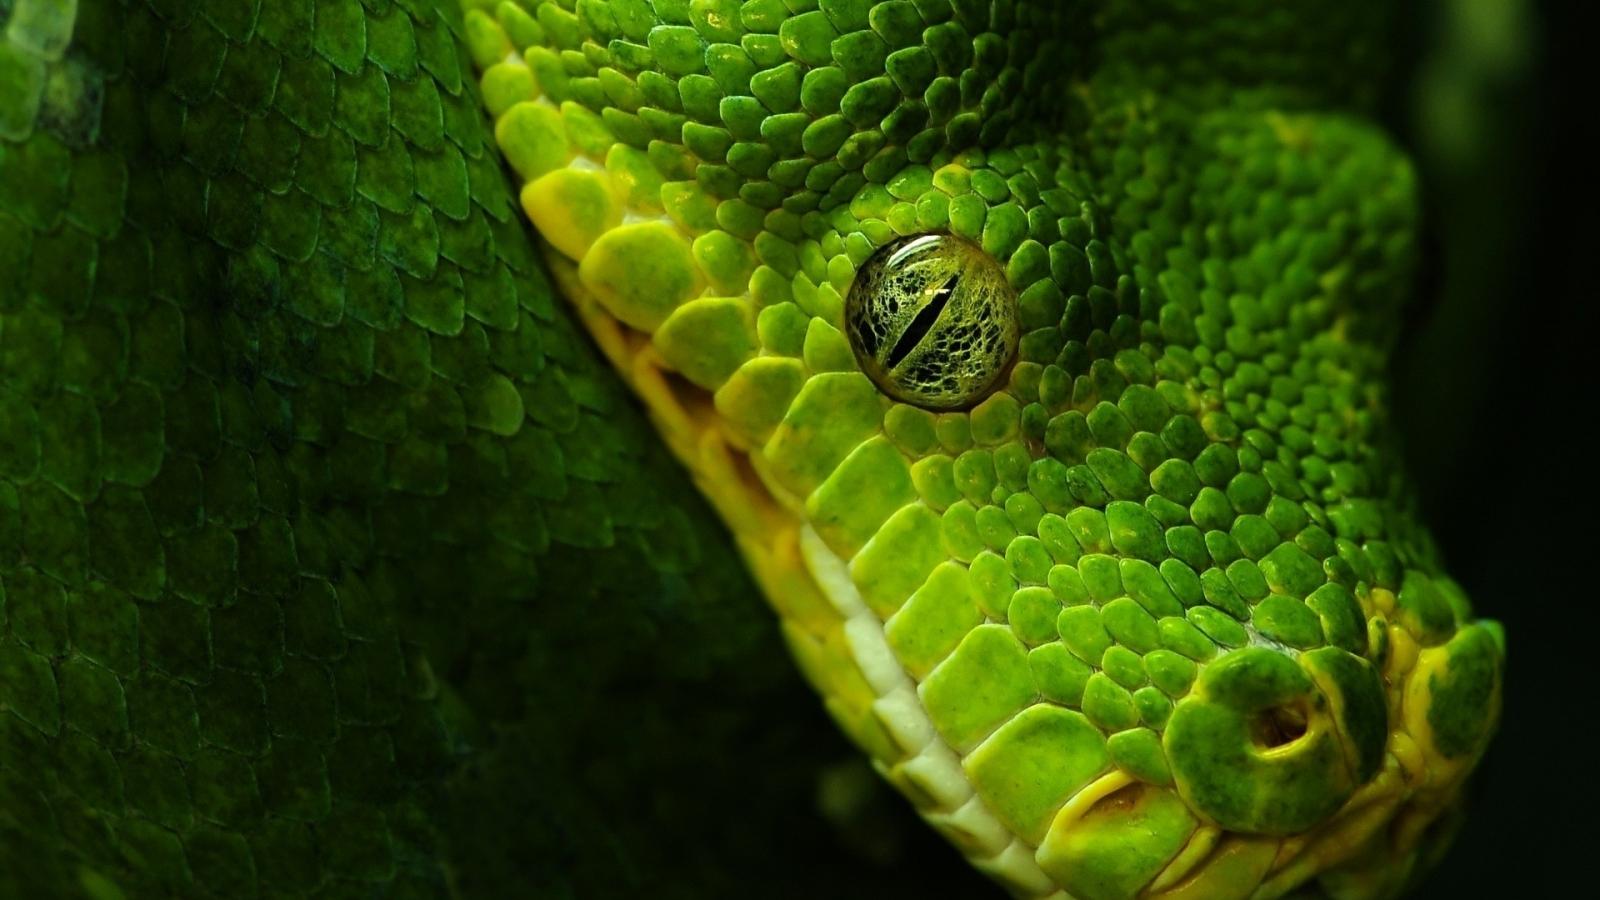 Cabeza de serpiente verde - 1600x900